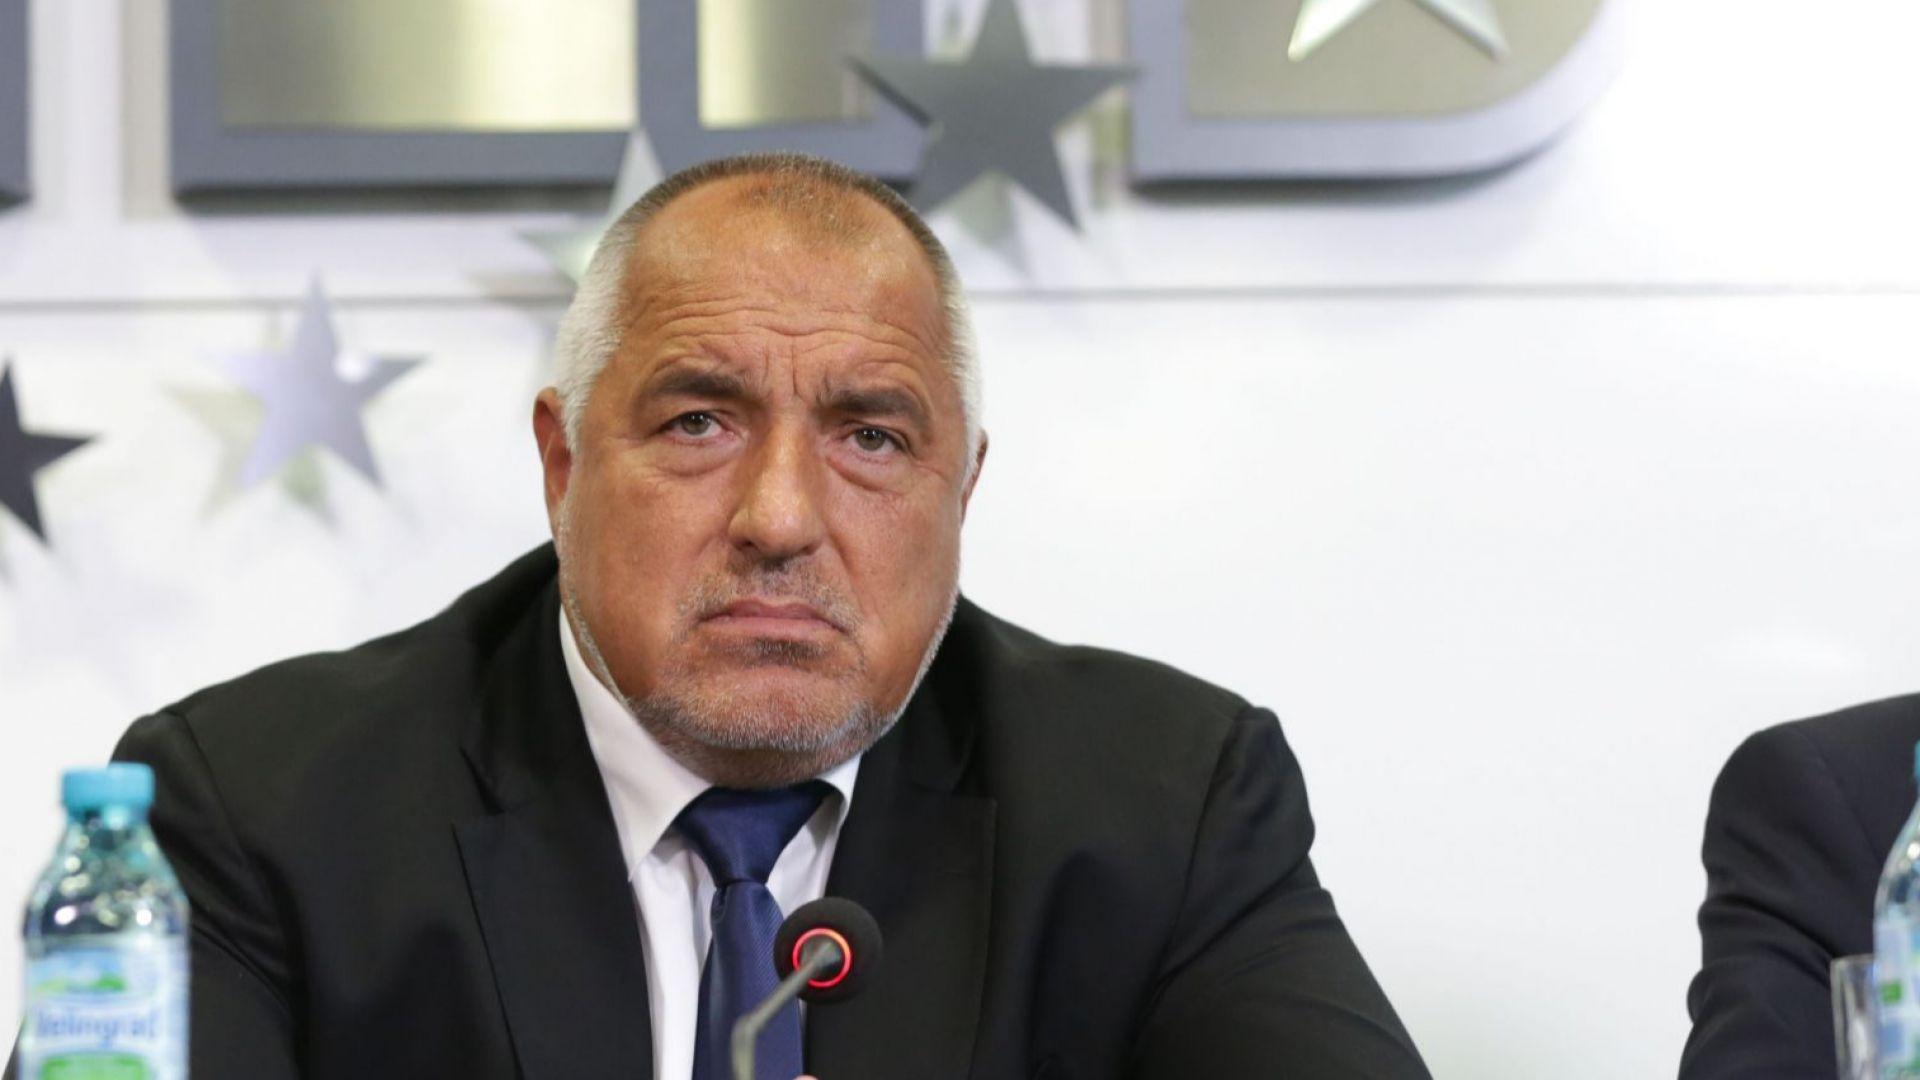 ГЕРБ обяви всичките си кандидати за кметове на областни градове